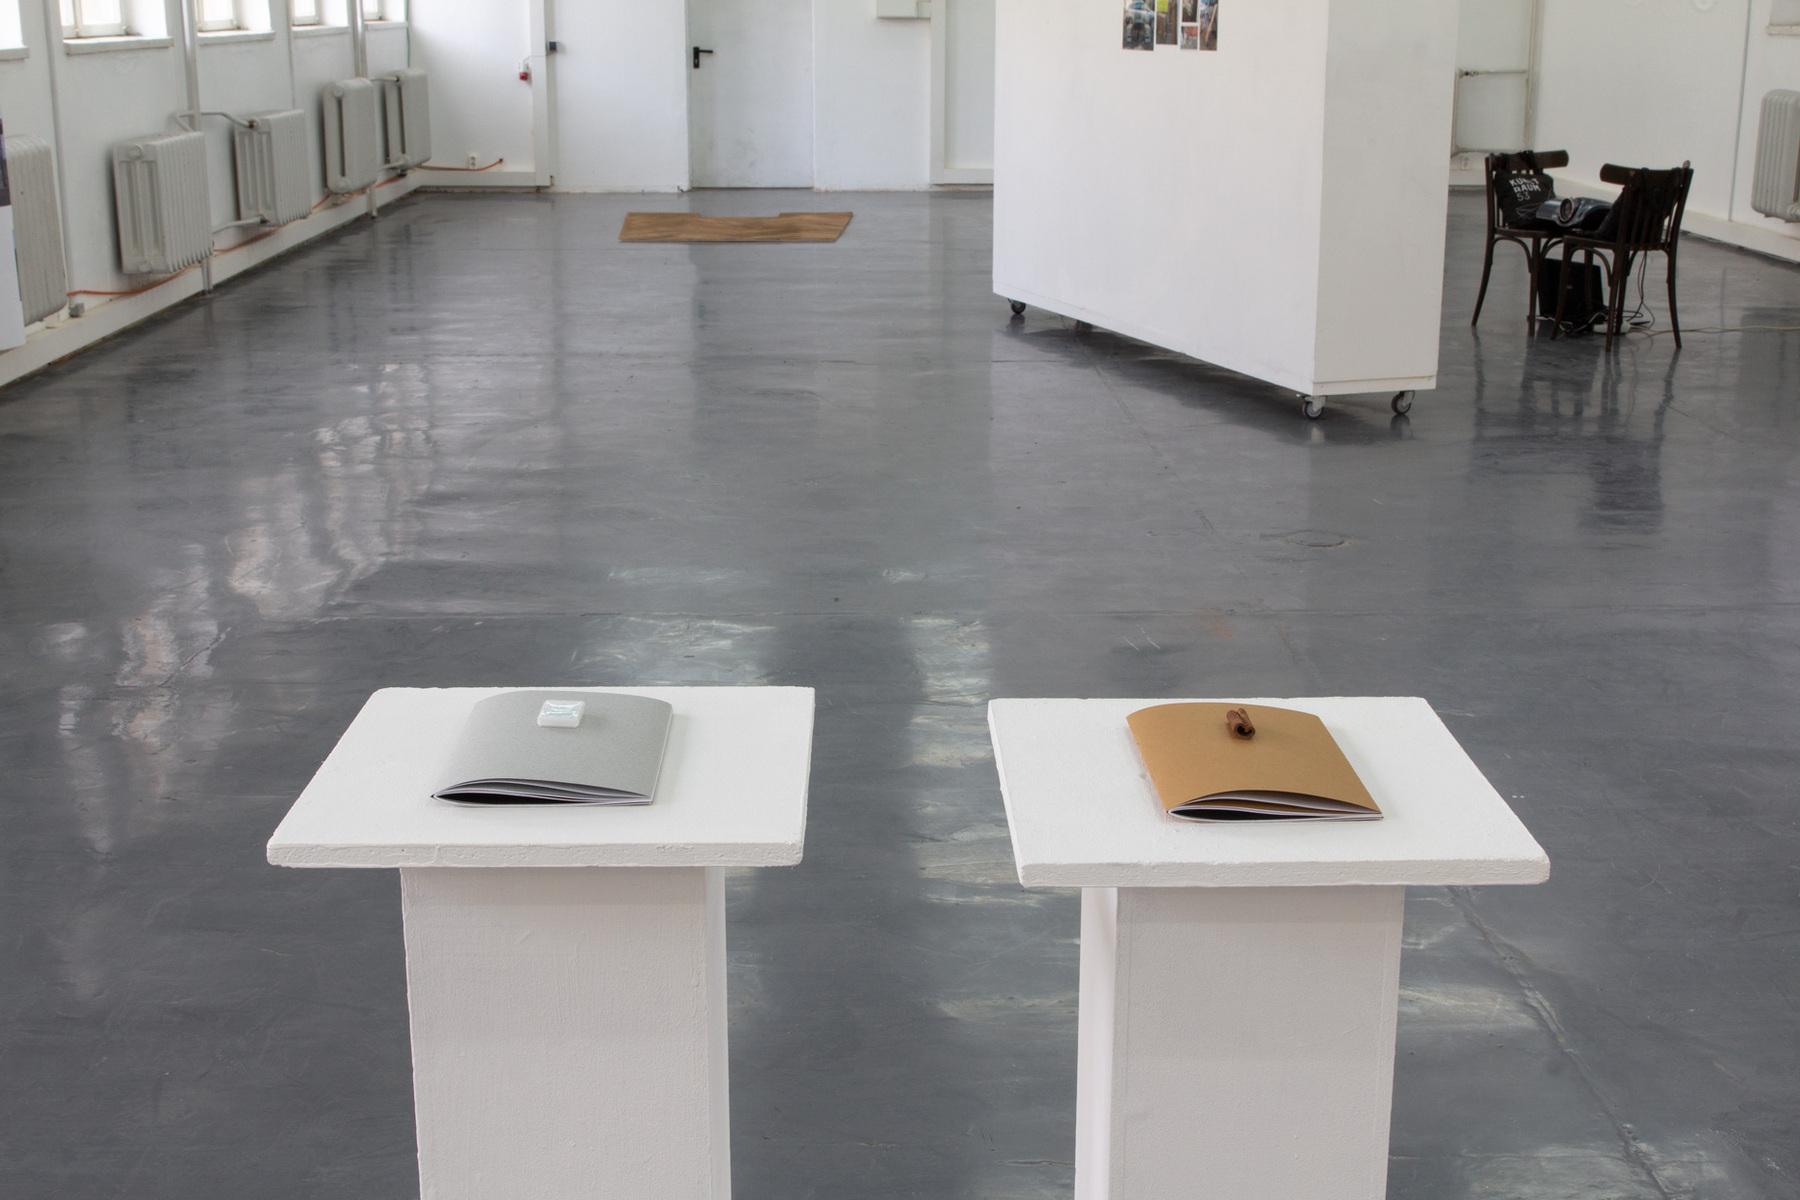 Philipp Valenta - Kaneelraum, Franziska Harnisch und Philipp Valenta, zwei Dokumentationshefte, 2015/2019